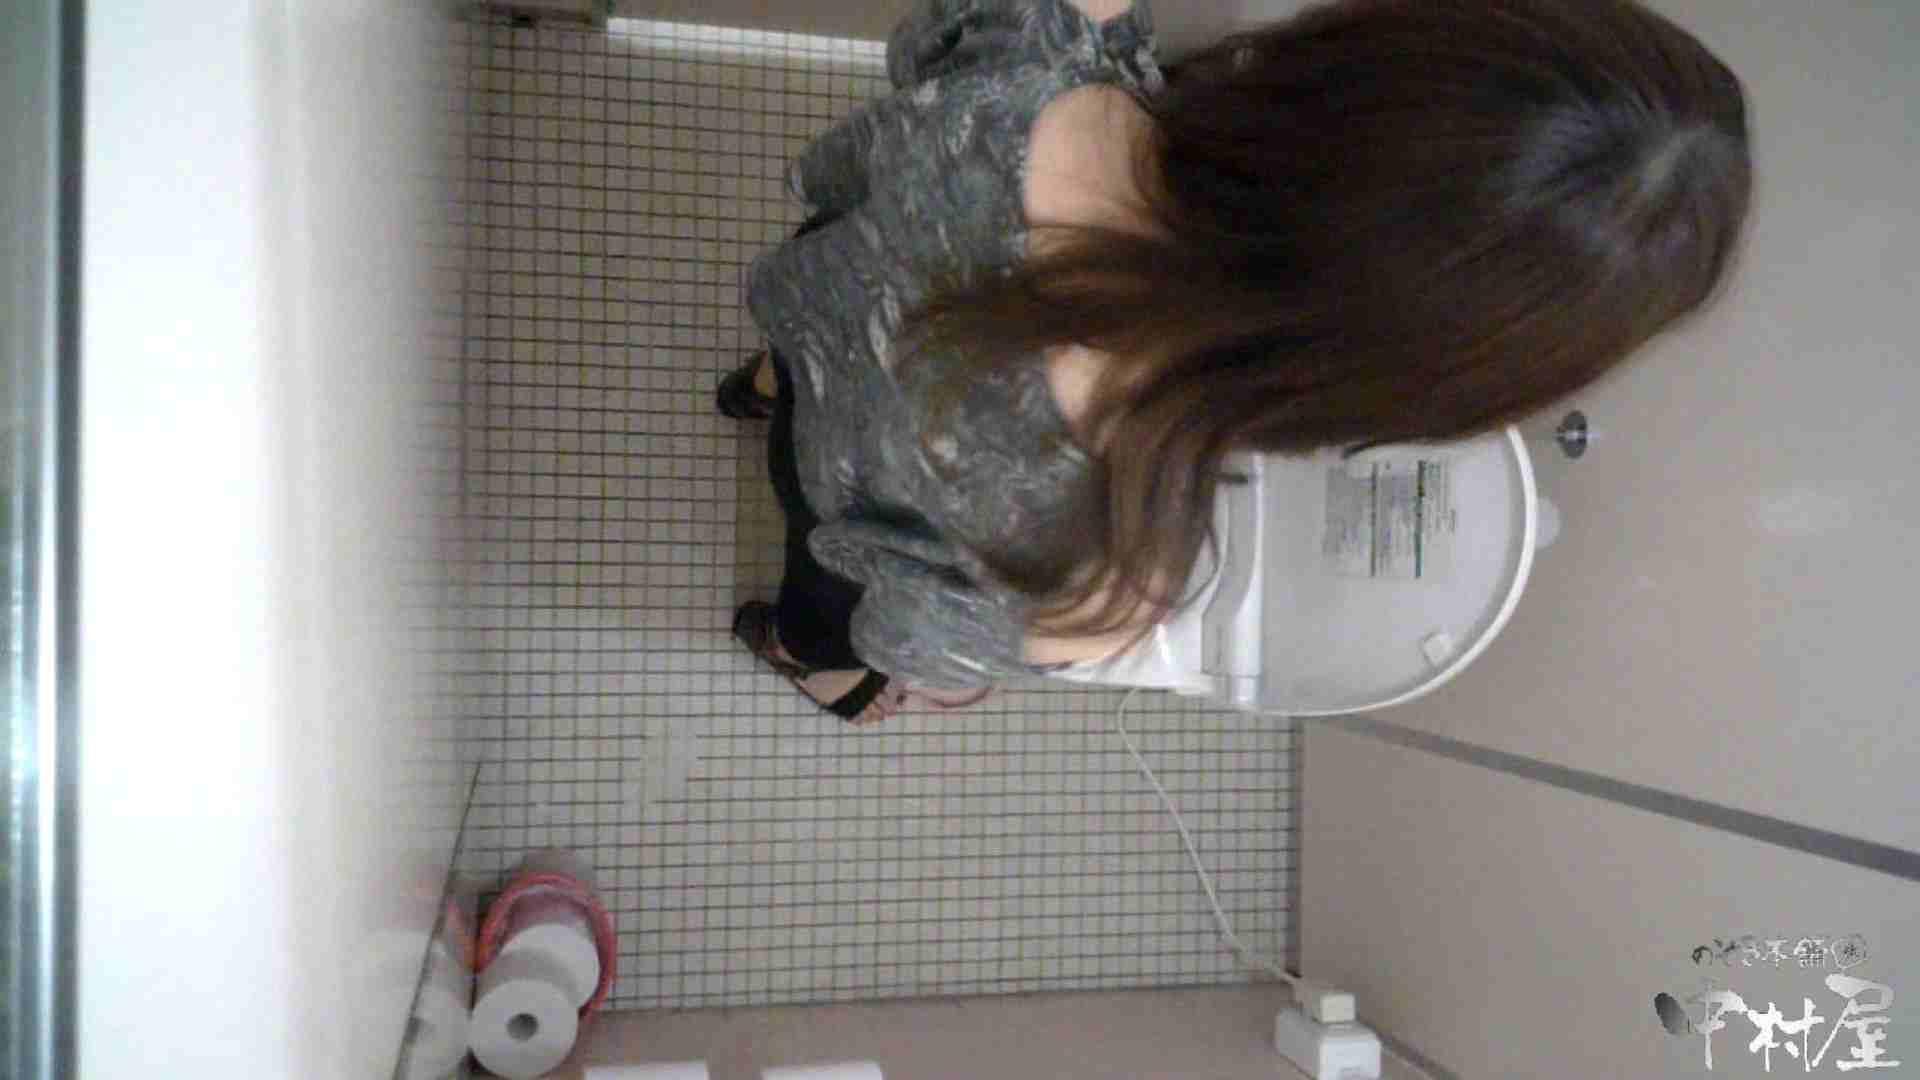 【某有名大学女性洗面所】有名大学女性洗面所 vol.43 いつみても神秘的な世界です。 0  105pic 26